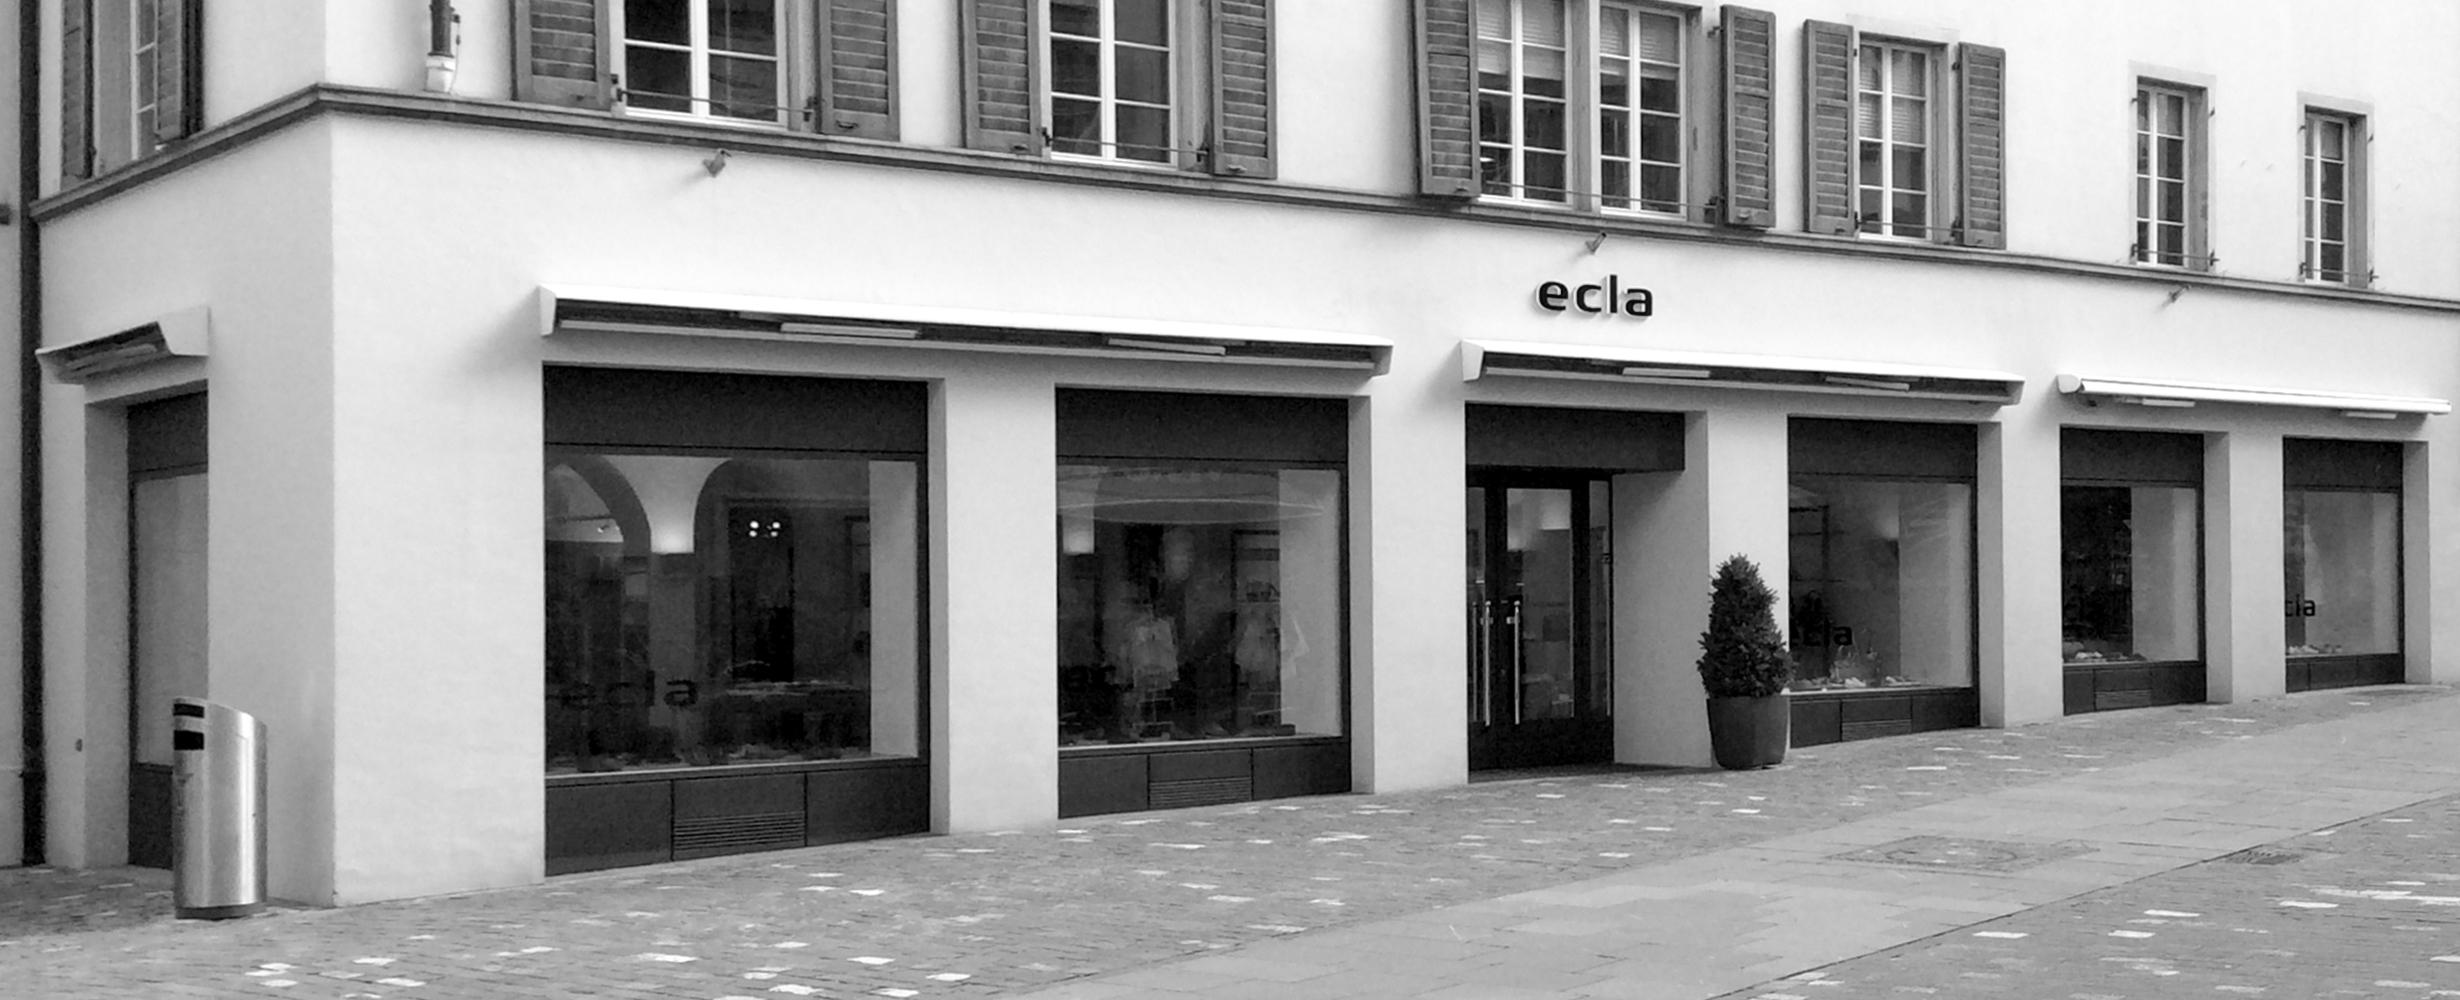 014 Pic Ecla